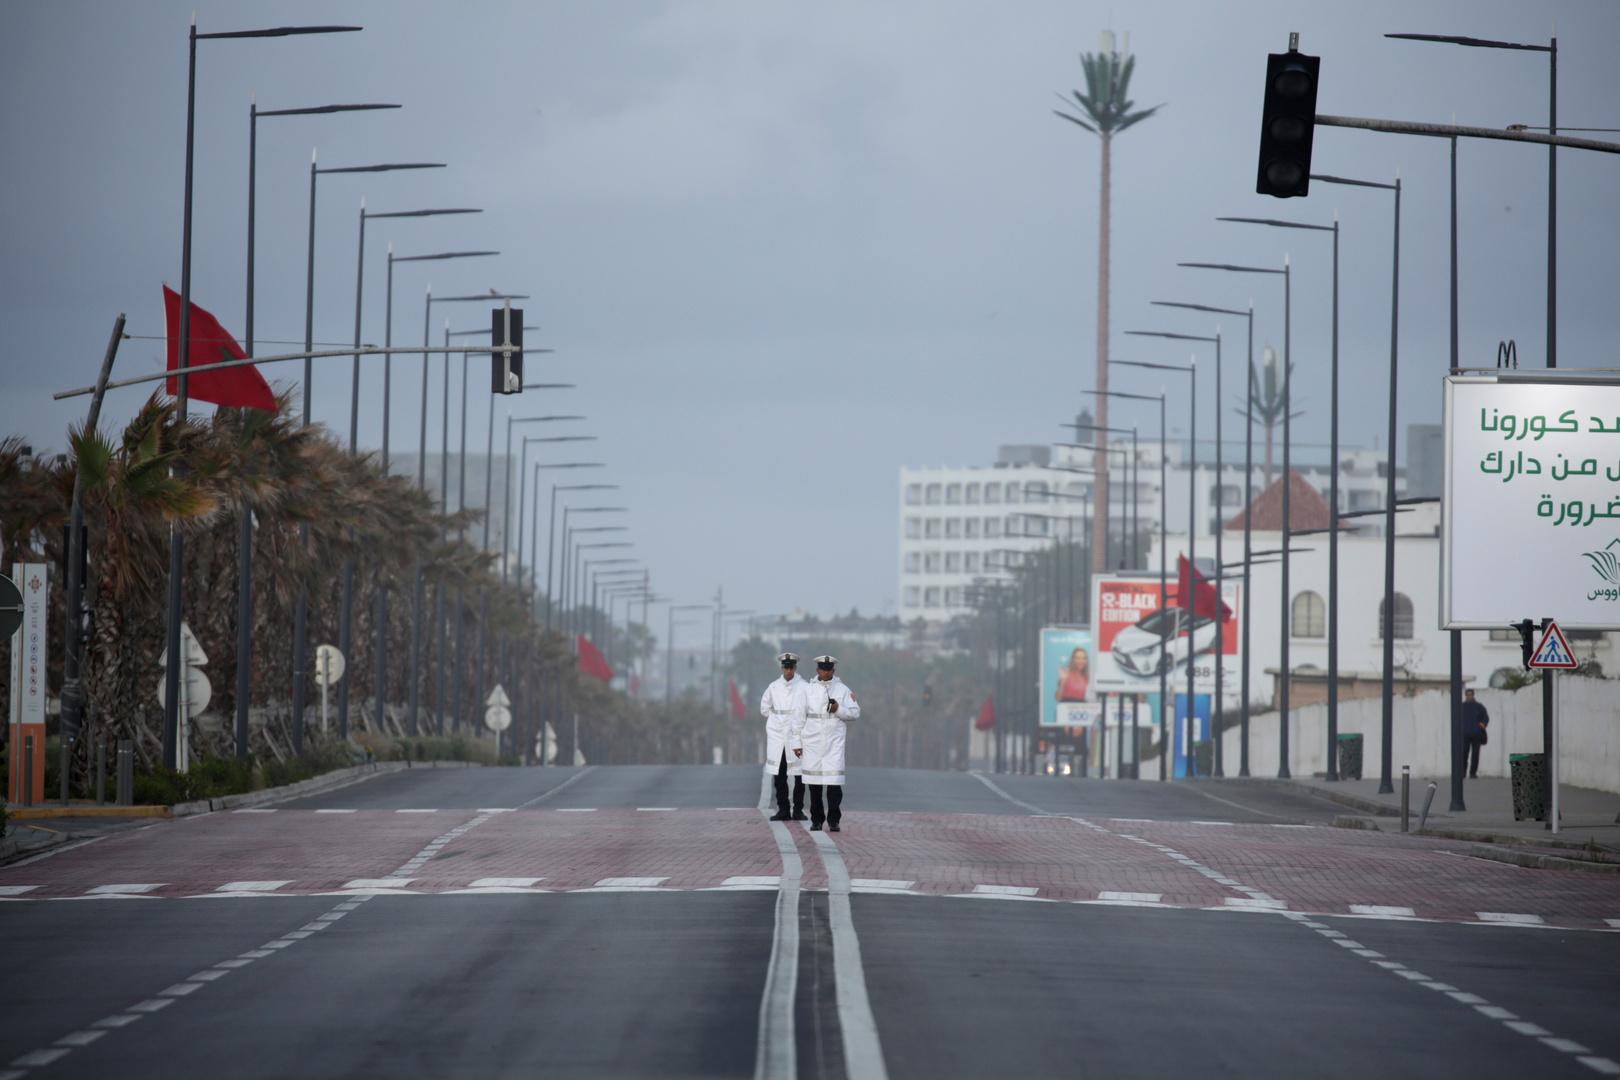 المغرب يسجل أكبر ارتفاع يومي في حصيلة الإصابات بكورونا